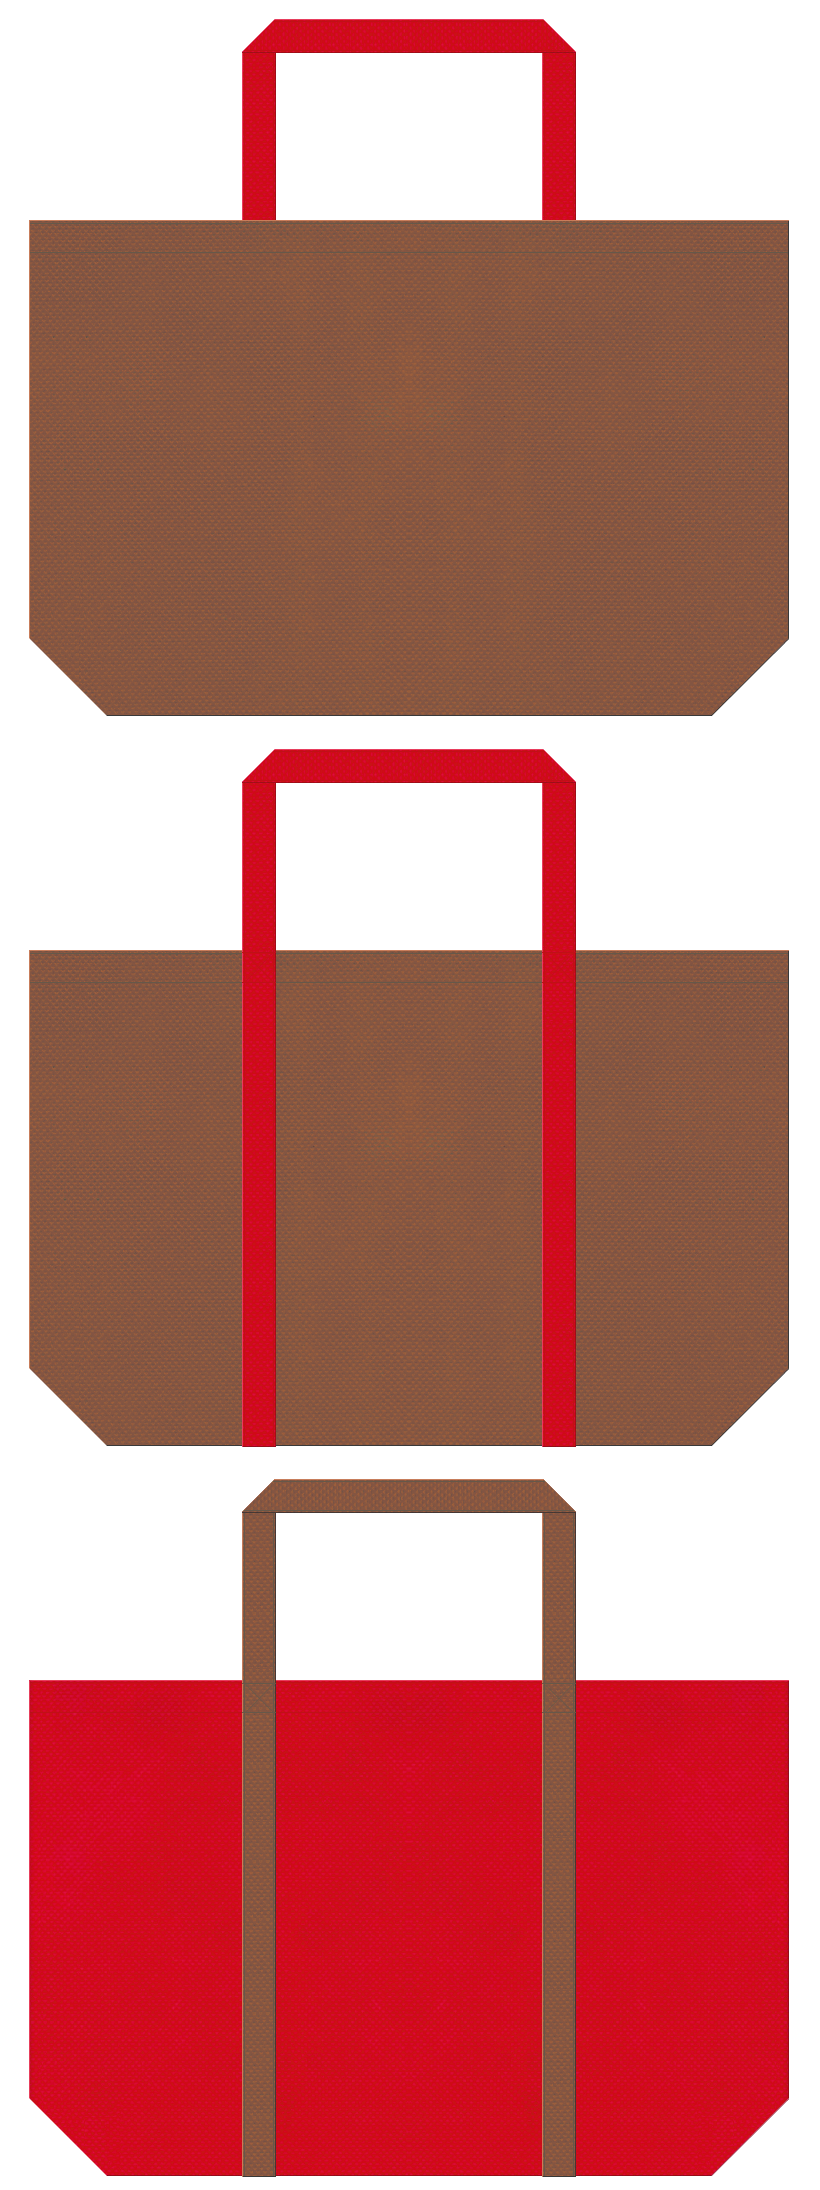 茶色と紅色の不織布ショッピングバッグデザイン。クリスマスのショッピングバッグにお奨めです。